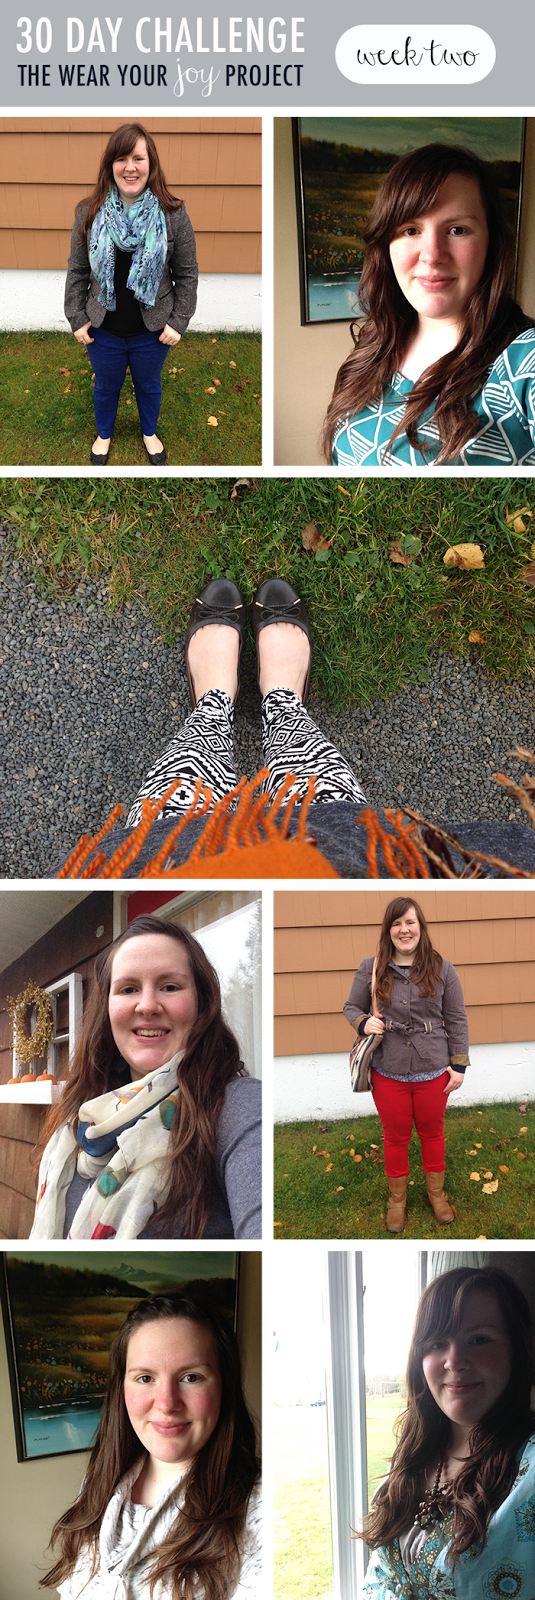 Wear Your Joy Project : Week 2 : Katie